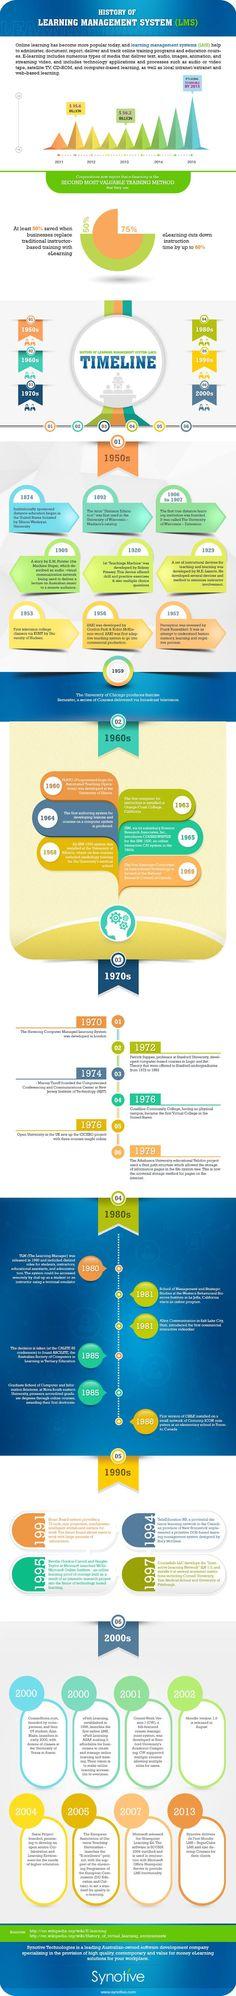 Learning Management System Timeline Infographic - http://elearninginfographics.com/learning-management-system-timeline-infographic/